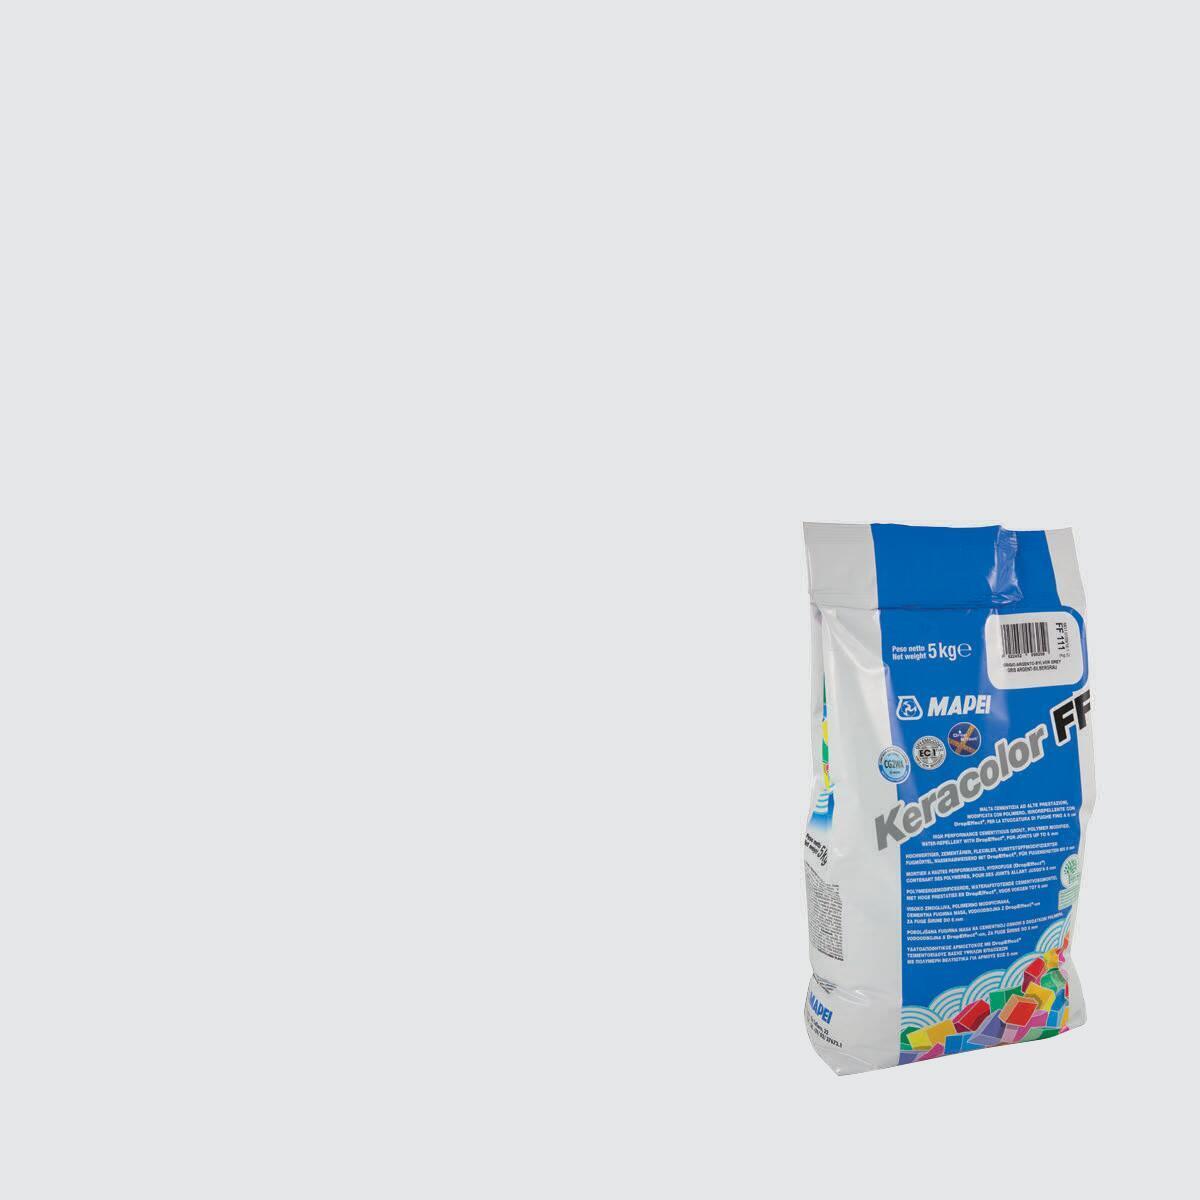 Stucco in polvere Keracolor FF MAPEI 5 kg grigio chiaro